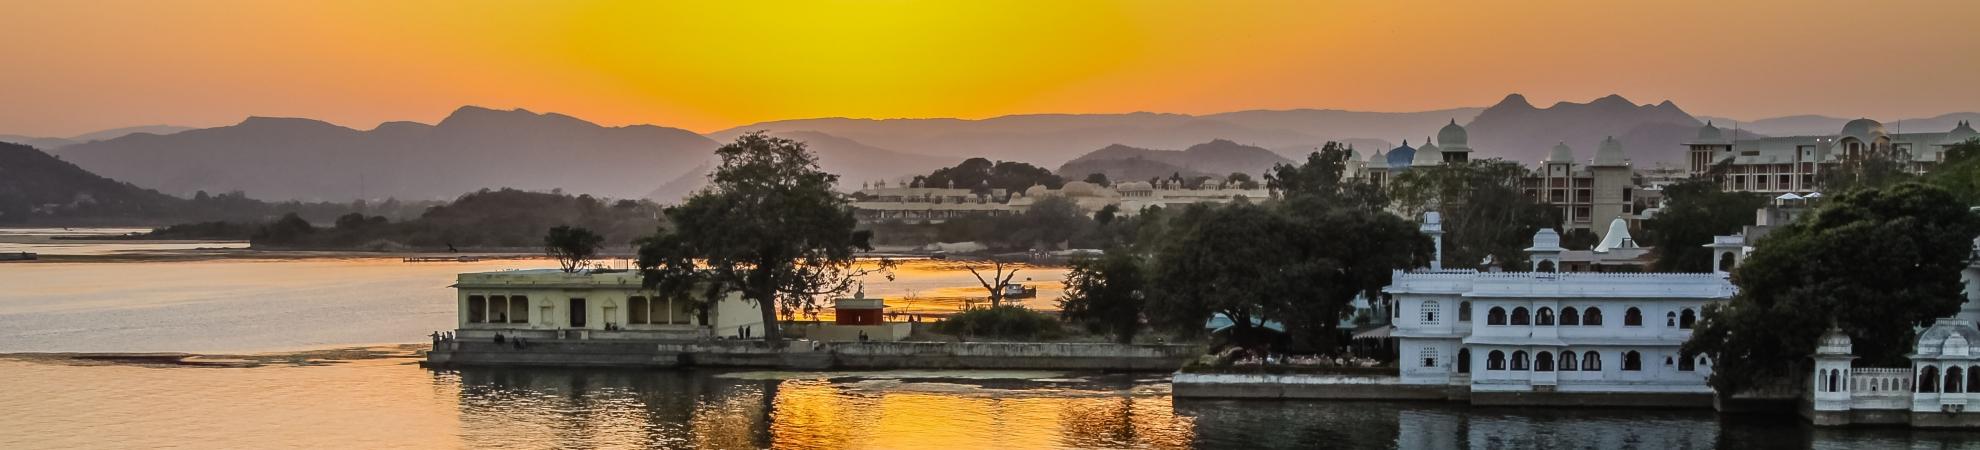 Voyage Udaipur